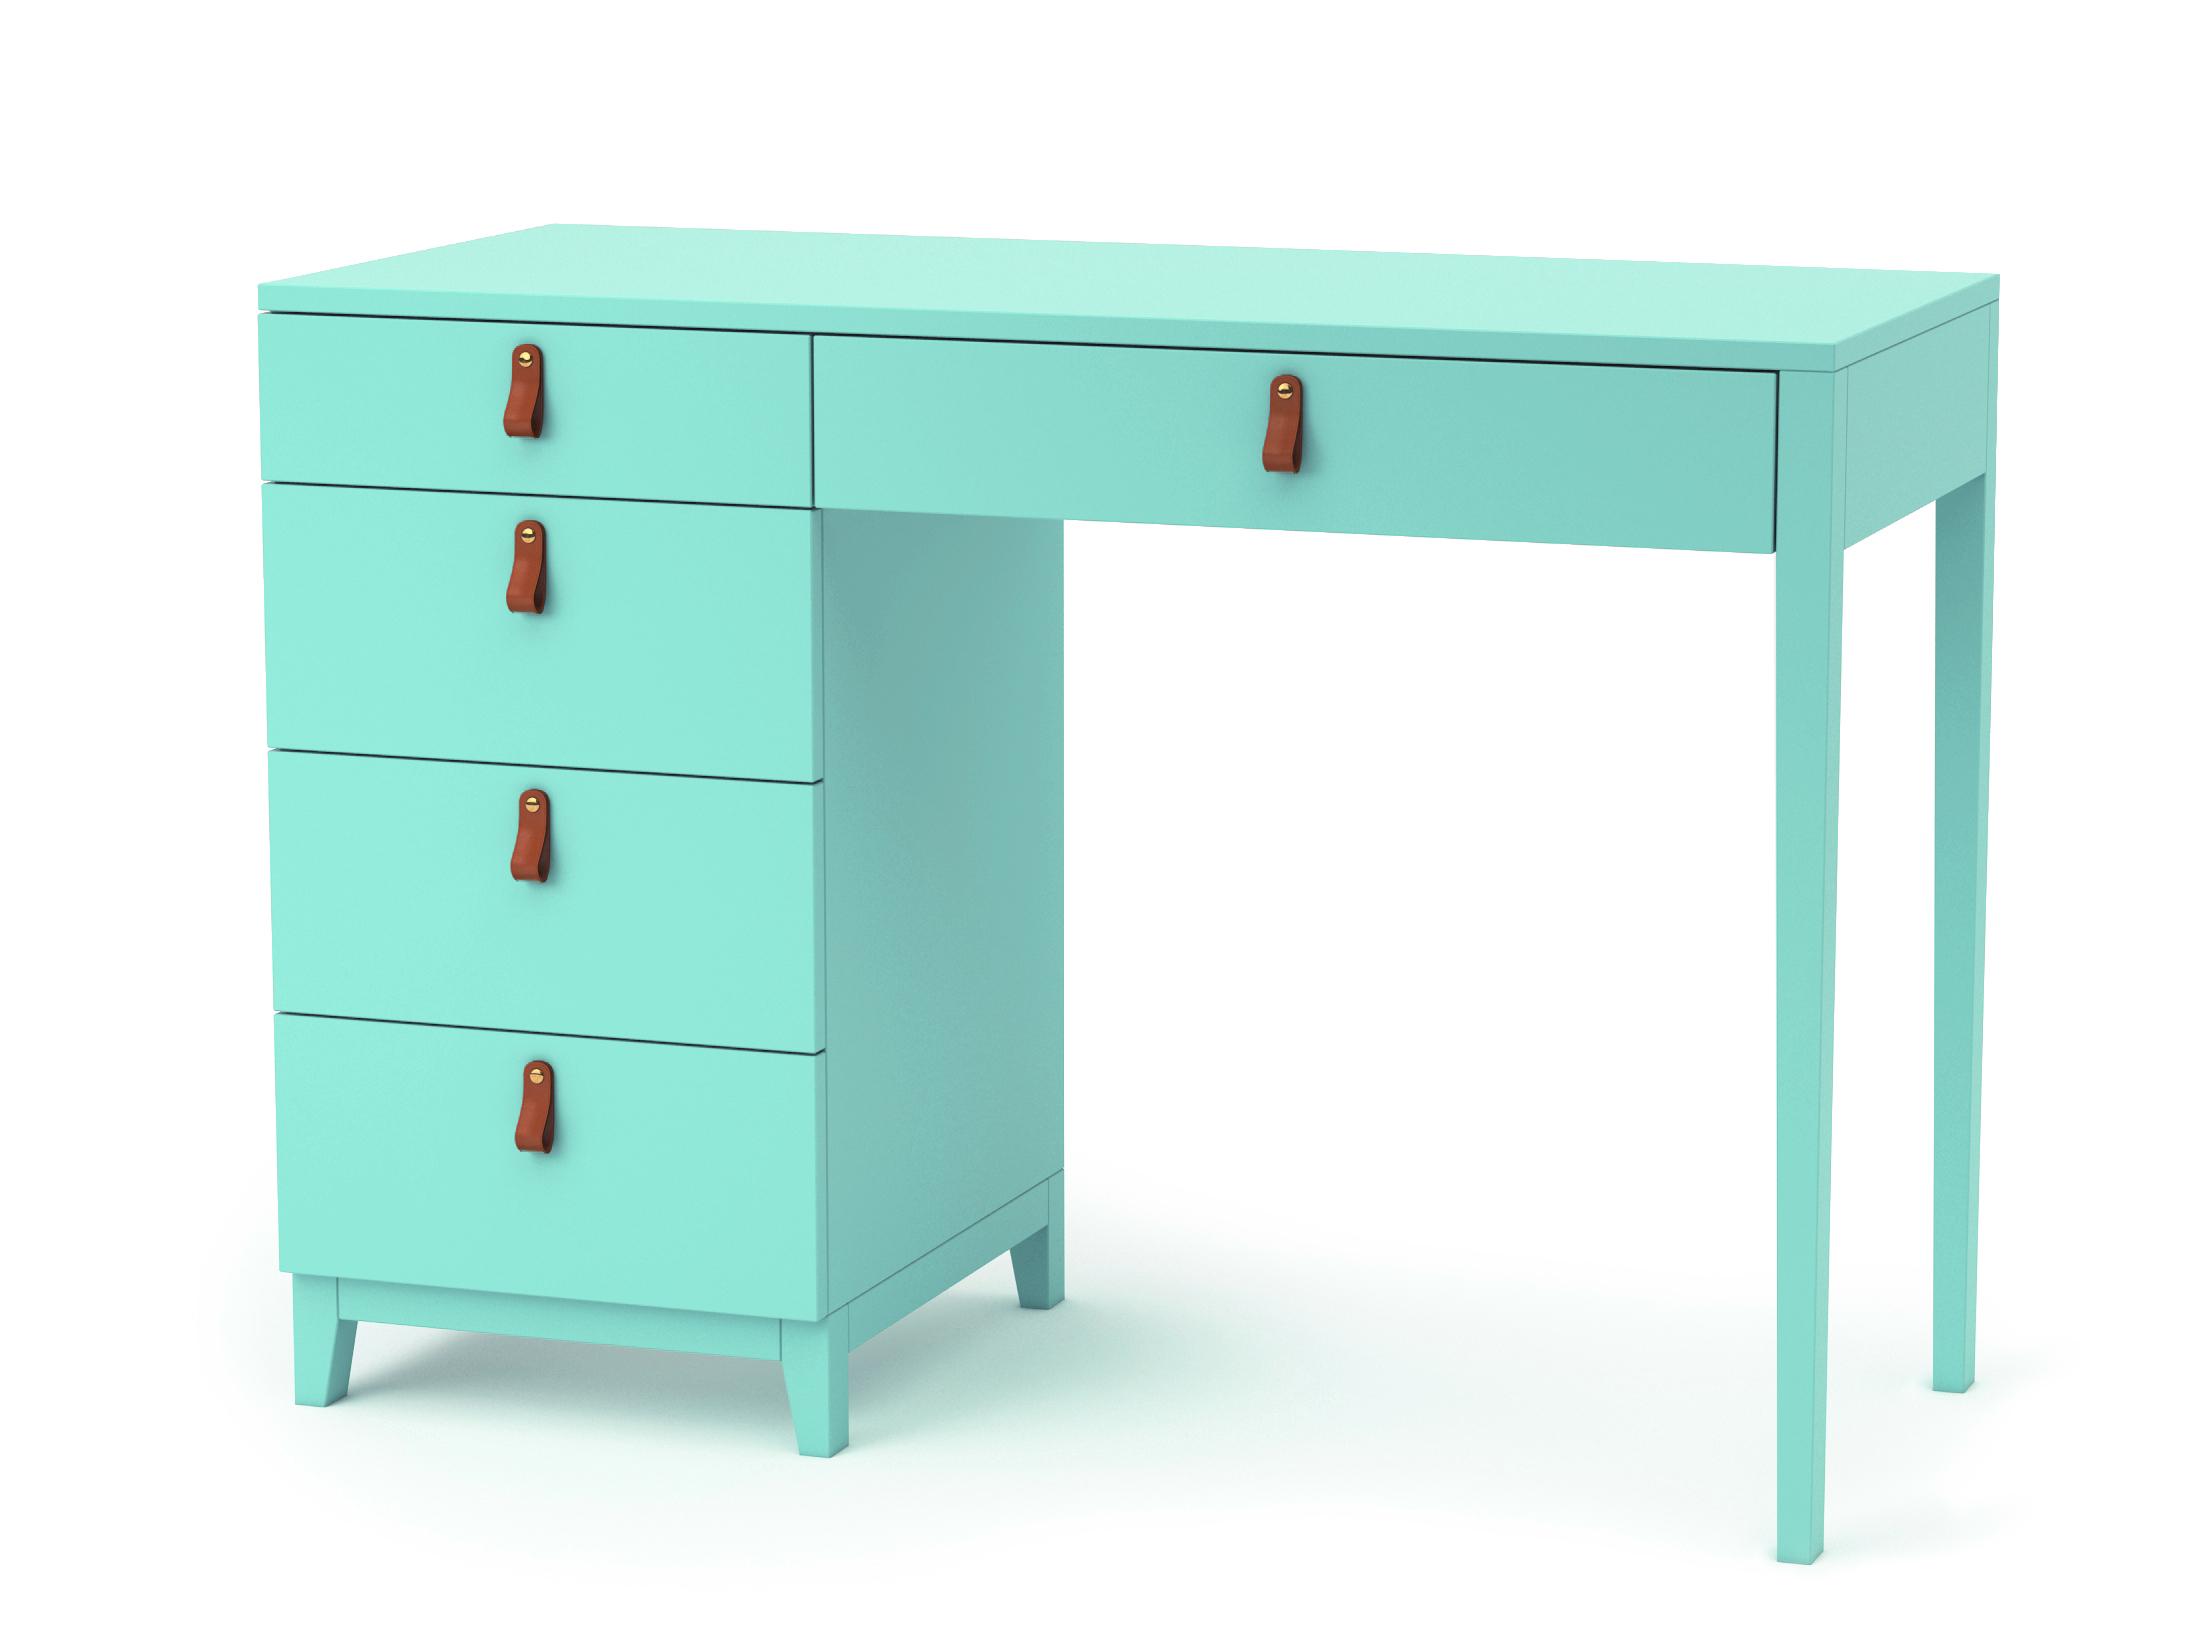 Консольный столикJAGGERПисьменные столы<br>Консольный стол&amp;amp;nbsp;Jagger &amp;amp;nbsp;обладает лаконичным дизайном с изысканными кожаными ручками и универсальными характеристиками. Стол Jagger будет органично смотреться как в компактных, так и в больших пространствах. В небольших помещениях может использоваться в качестве письменного стола. Доступен в лево- и правостороннем варианте исполнения.&amp;lt;div&amp;gt;&amp;lt;br&amp;gt;&amp;lt;/div&amp;gt;&amp;lt;div&amp;gt;Материал:&amp;amp;nbsp;Массив дуба, МДФ, эмаль, лак&amp;lt;br&amp;gt;&amp;lt;/div&amp;gt;<br><br>Material: Дерево<br>Width см: 100<br>Depth см: 50<br>Height см: 75